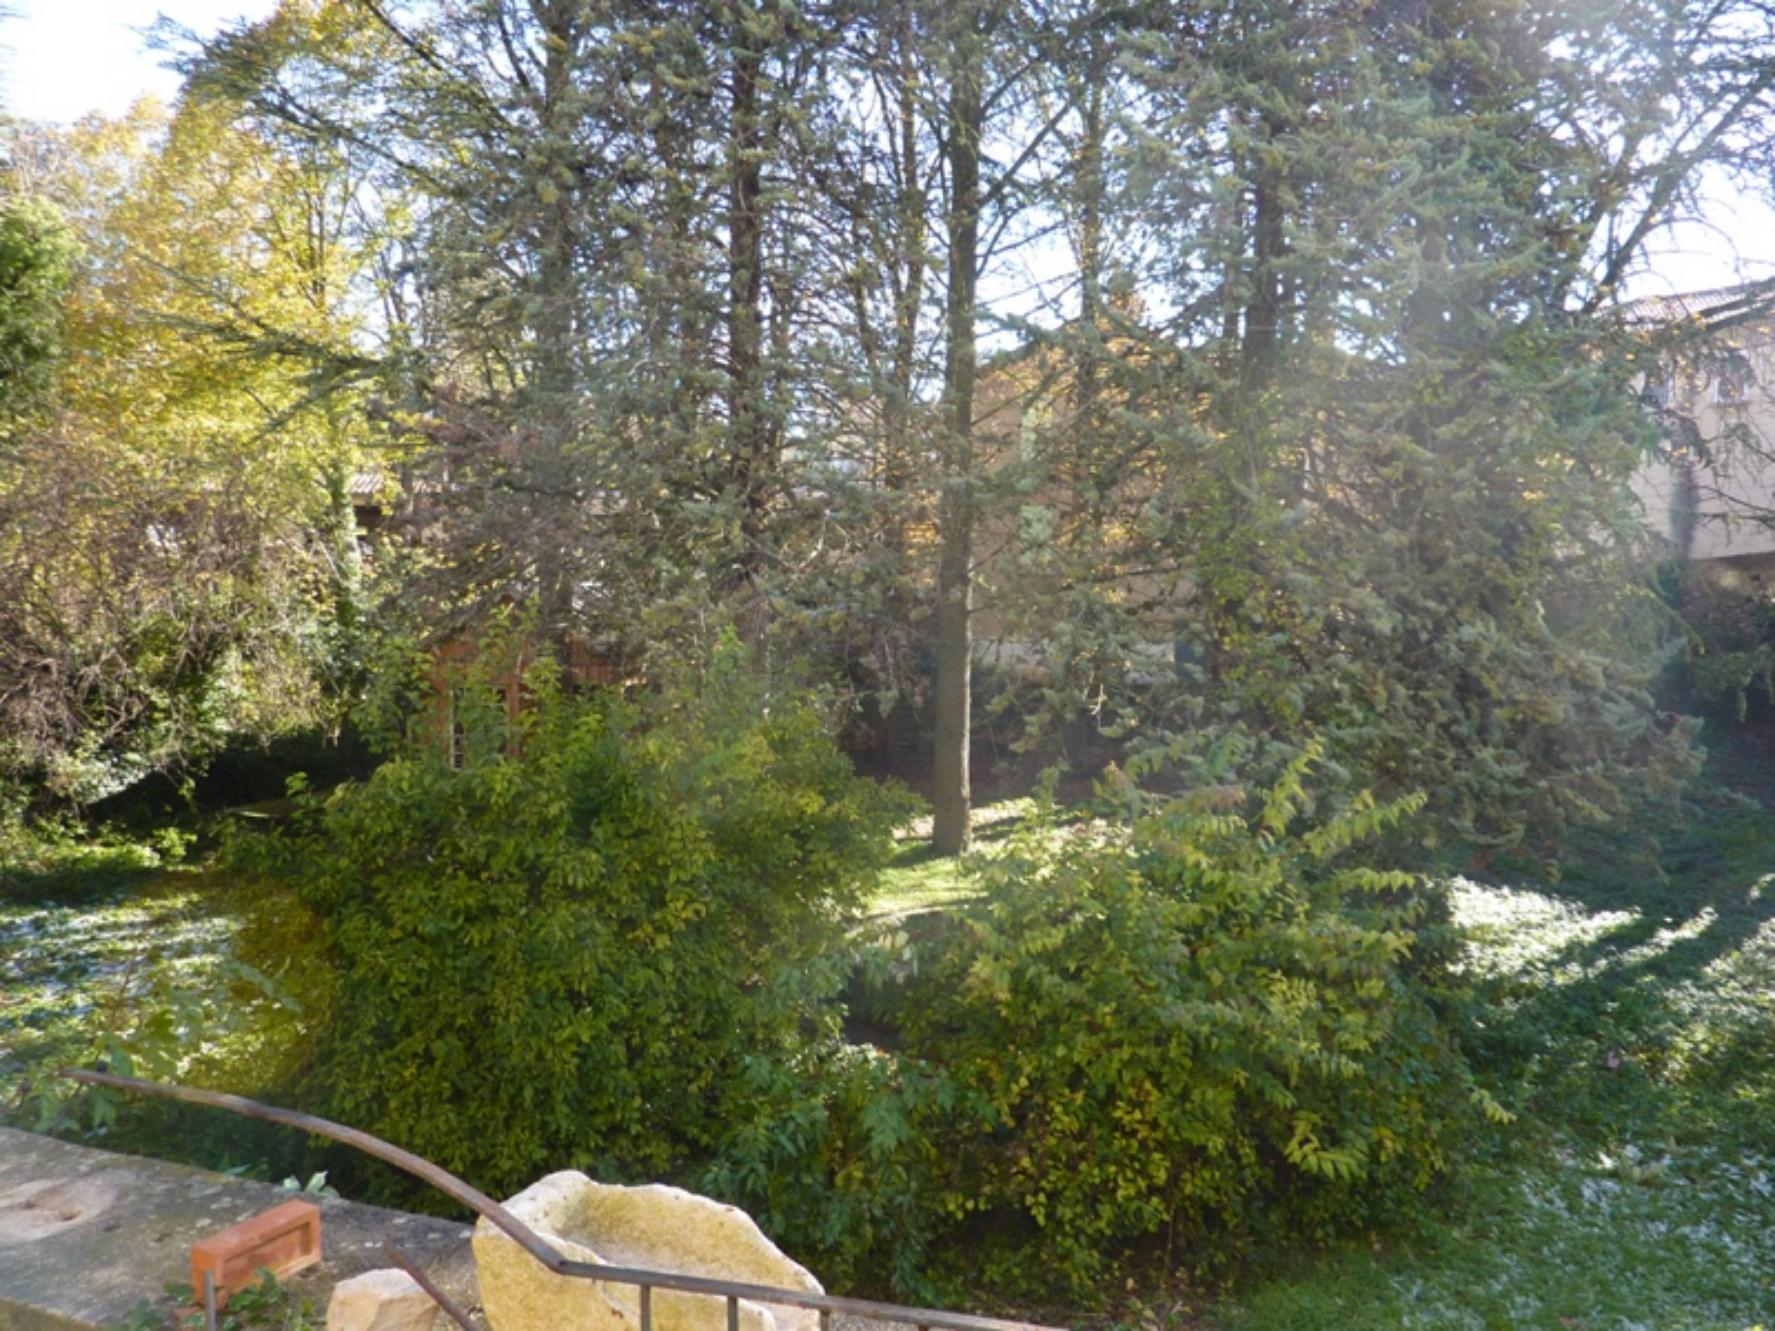 A vendre en Pays de Sault, maison de maître de 27 pièces avec jardins et terrasse